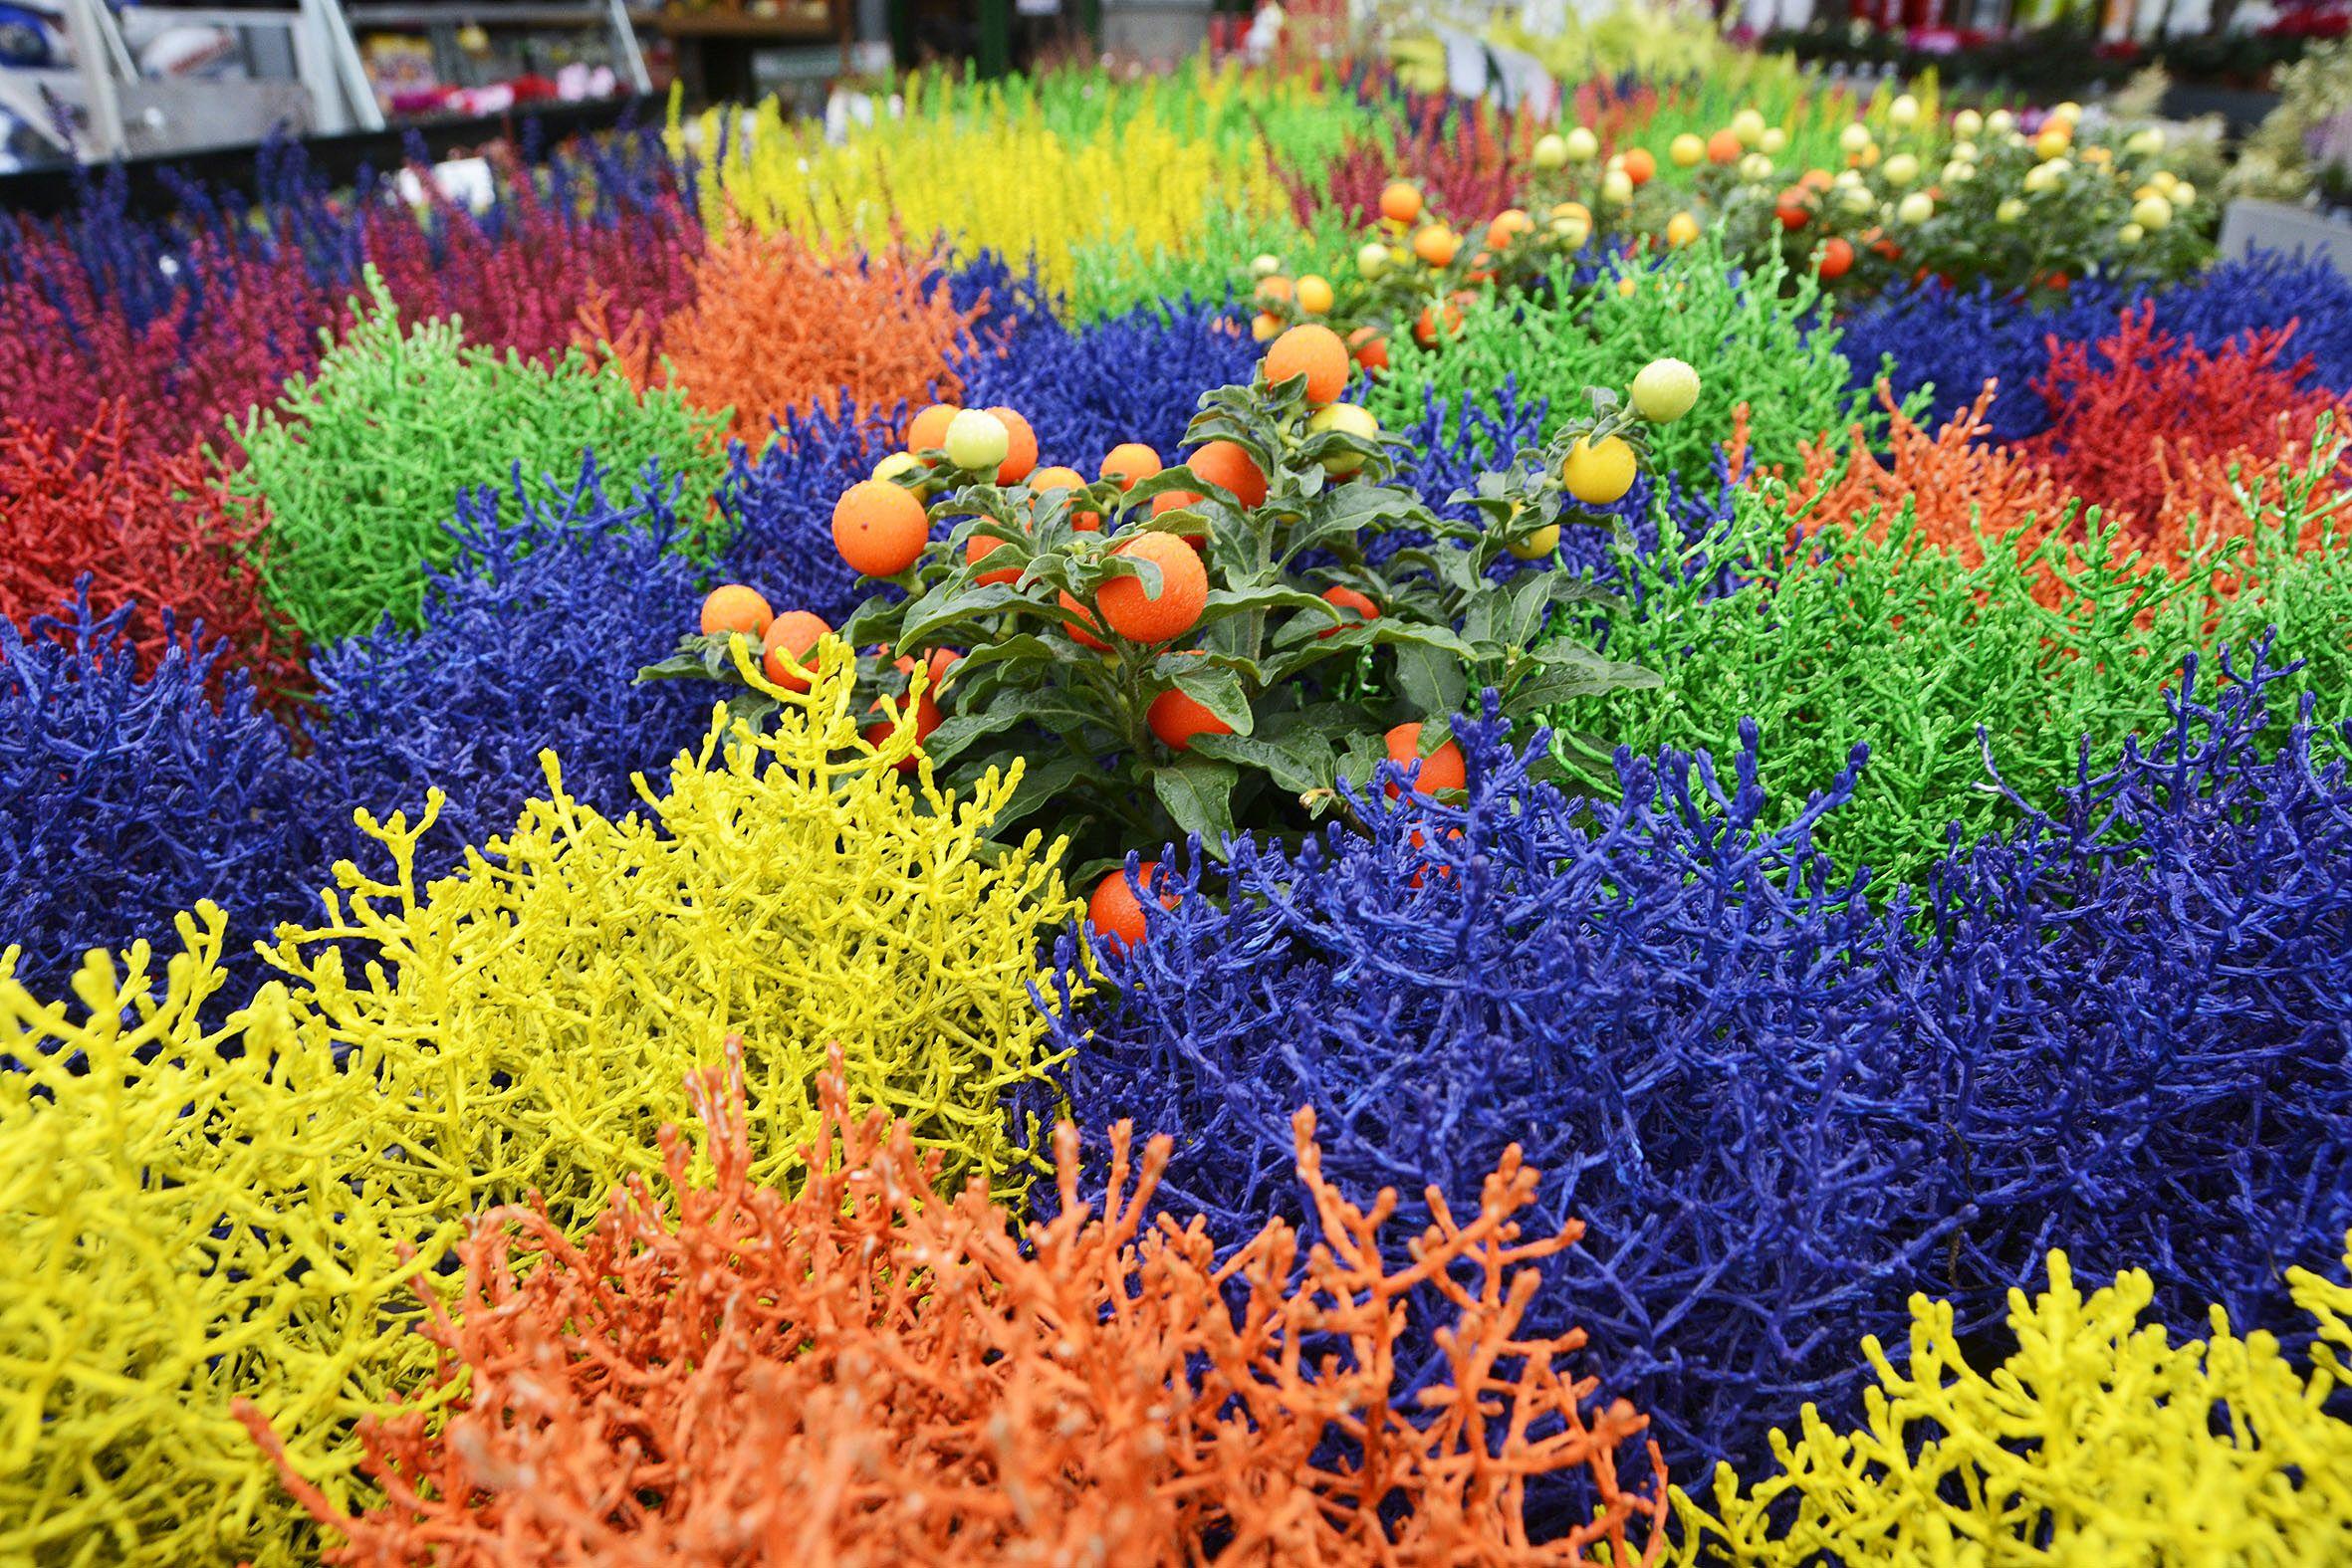 Garden Zanet vuole augurarvi buona giornata con i suoi coloratissimi arbusti Calocephalus brownii GardenZanet